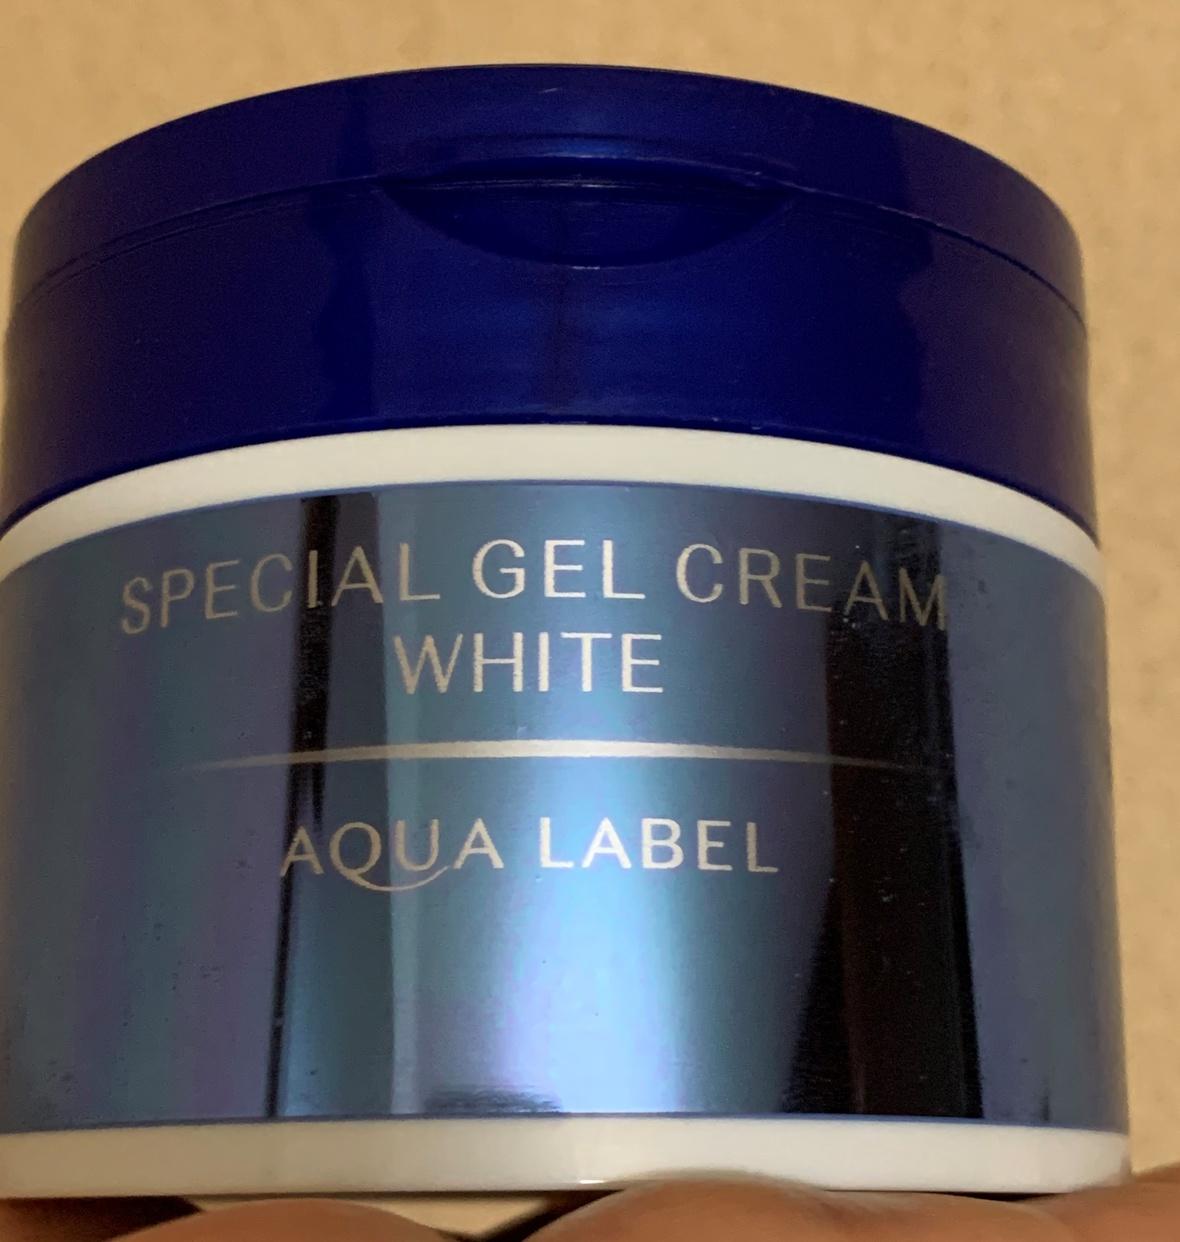 AQUALABEL(アクアレーベル) スペシャルジェルクリームA (ホワイト)を使ったshizukuさんのクチコミ画像